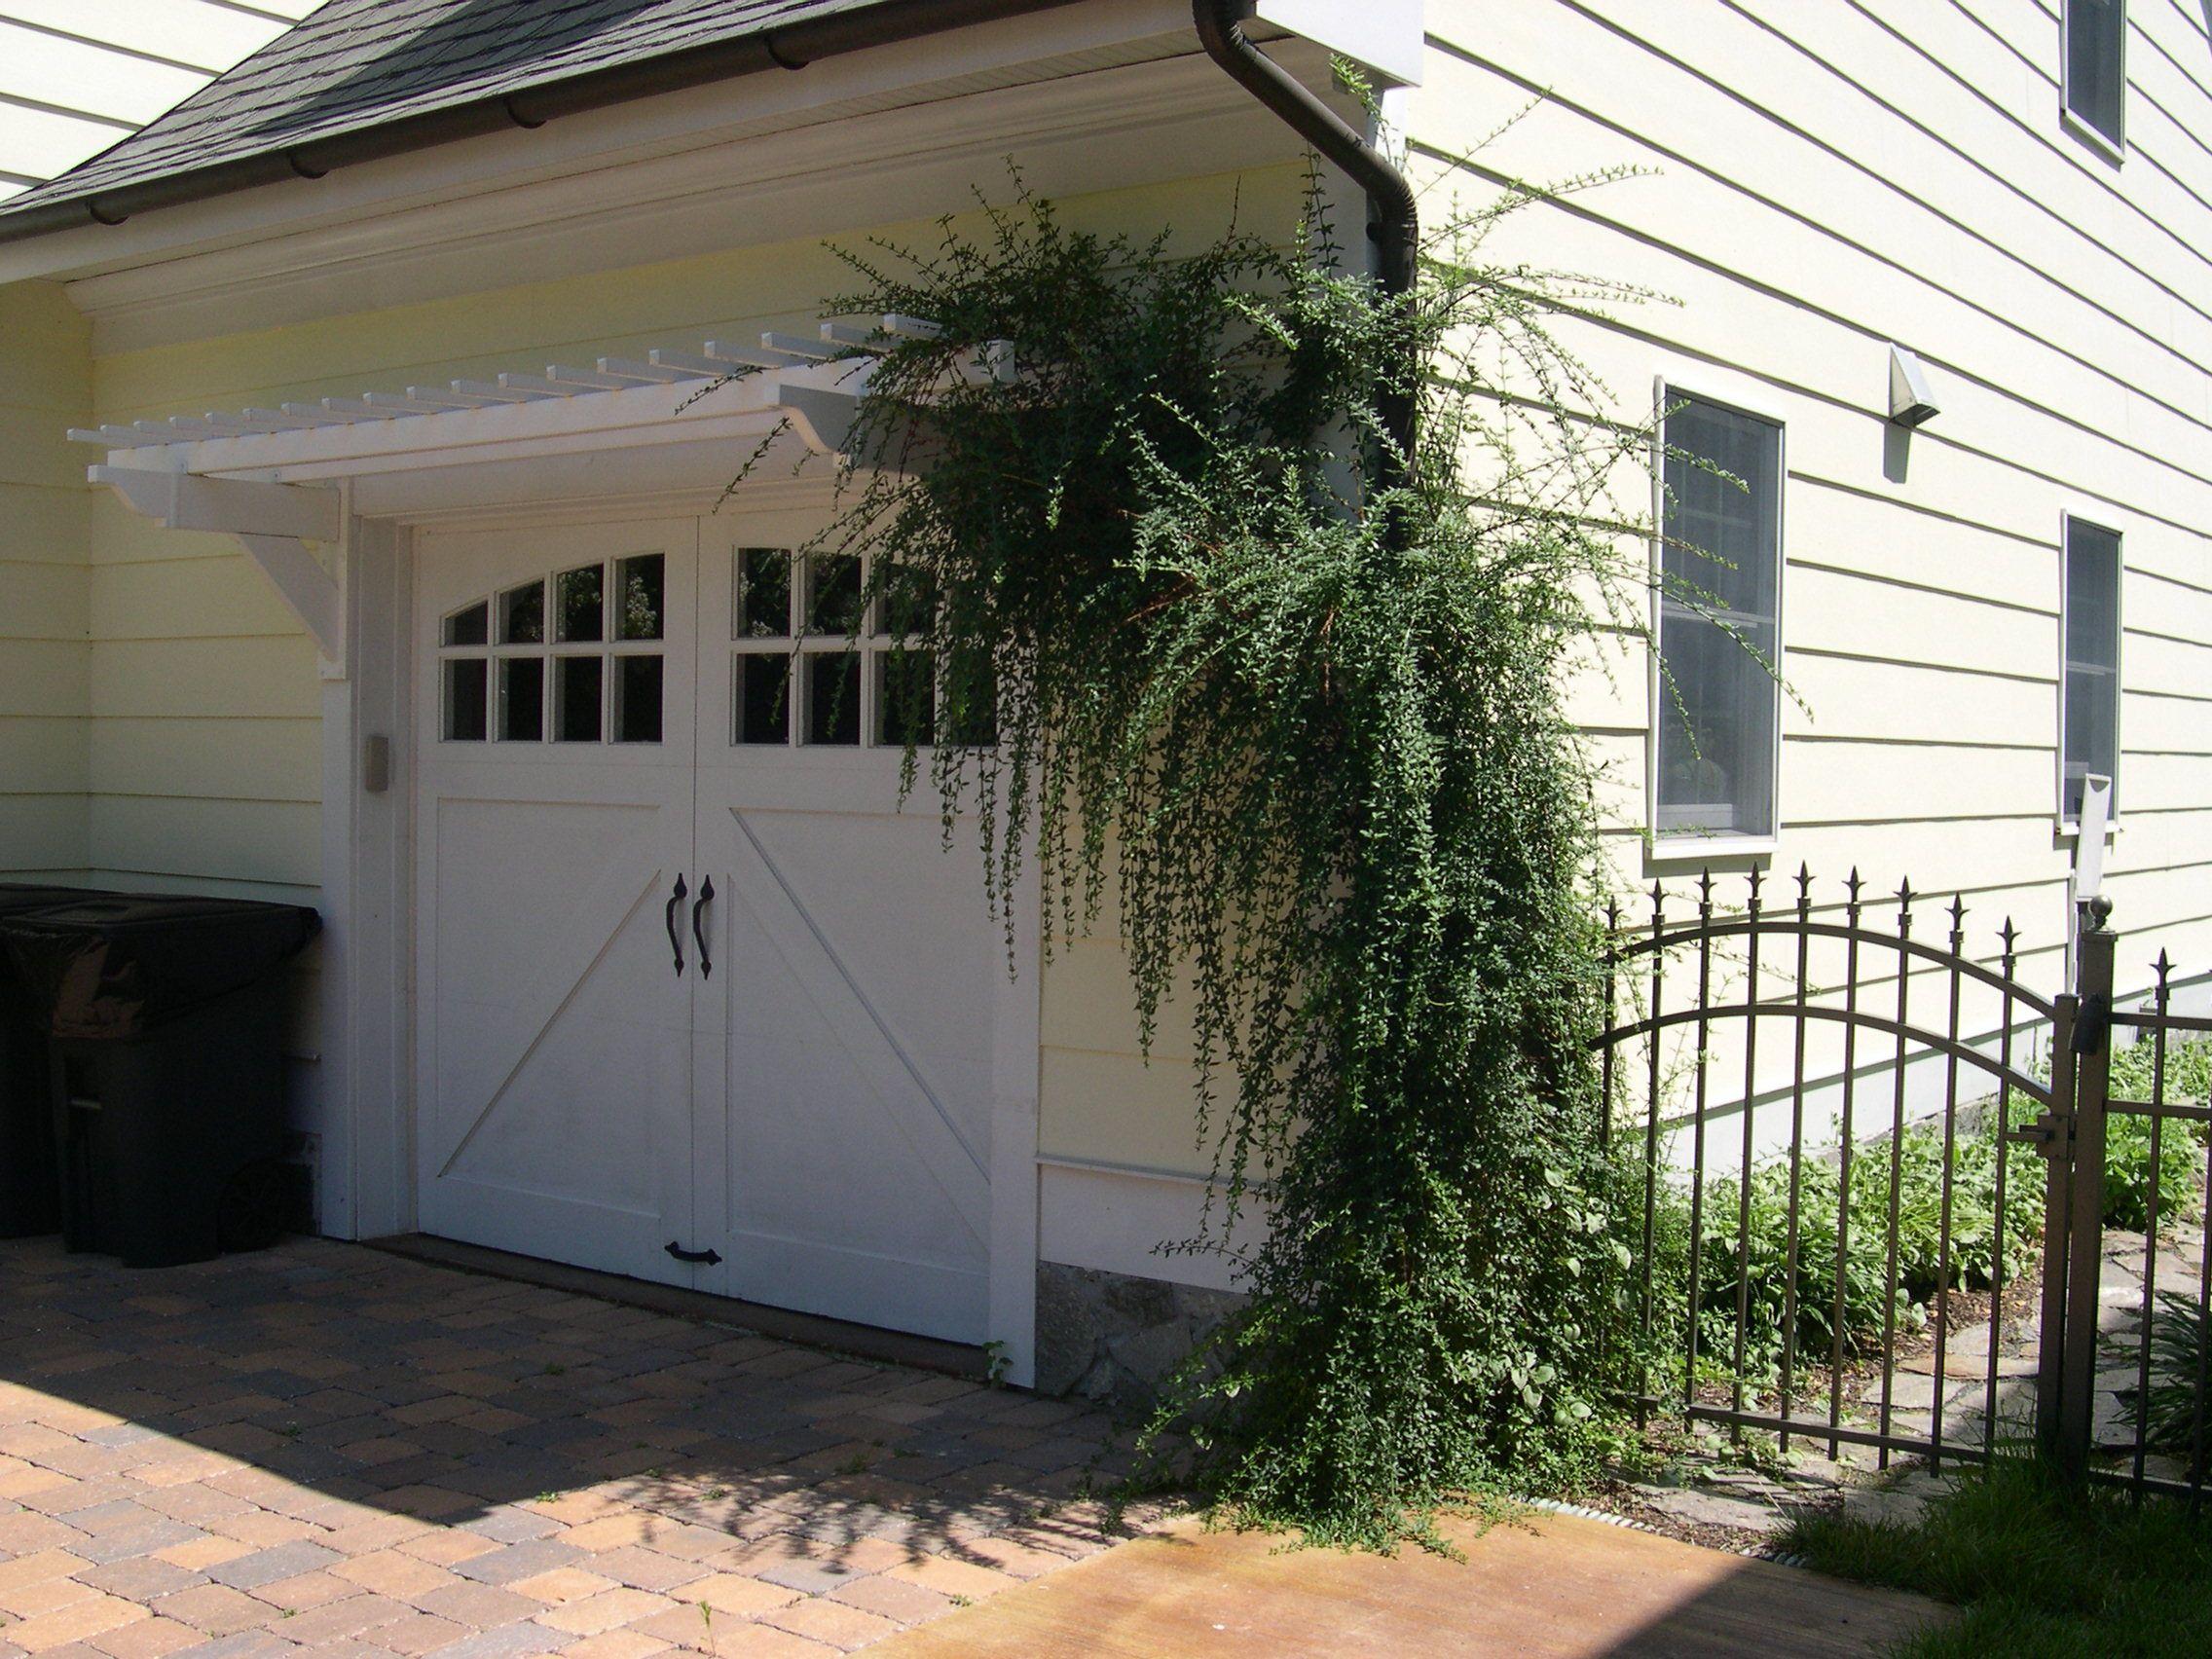 Trellis over garage door - Jasmine Vine On Eyebrow Pergola Above A Garage Door